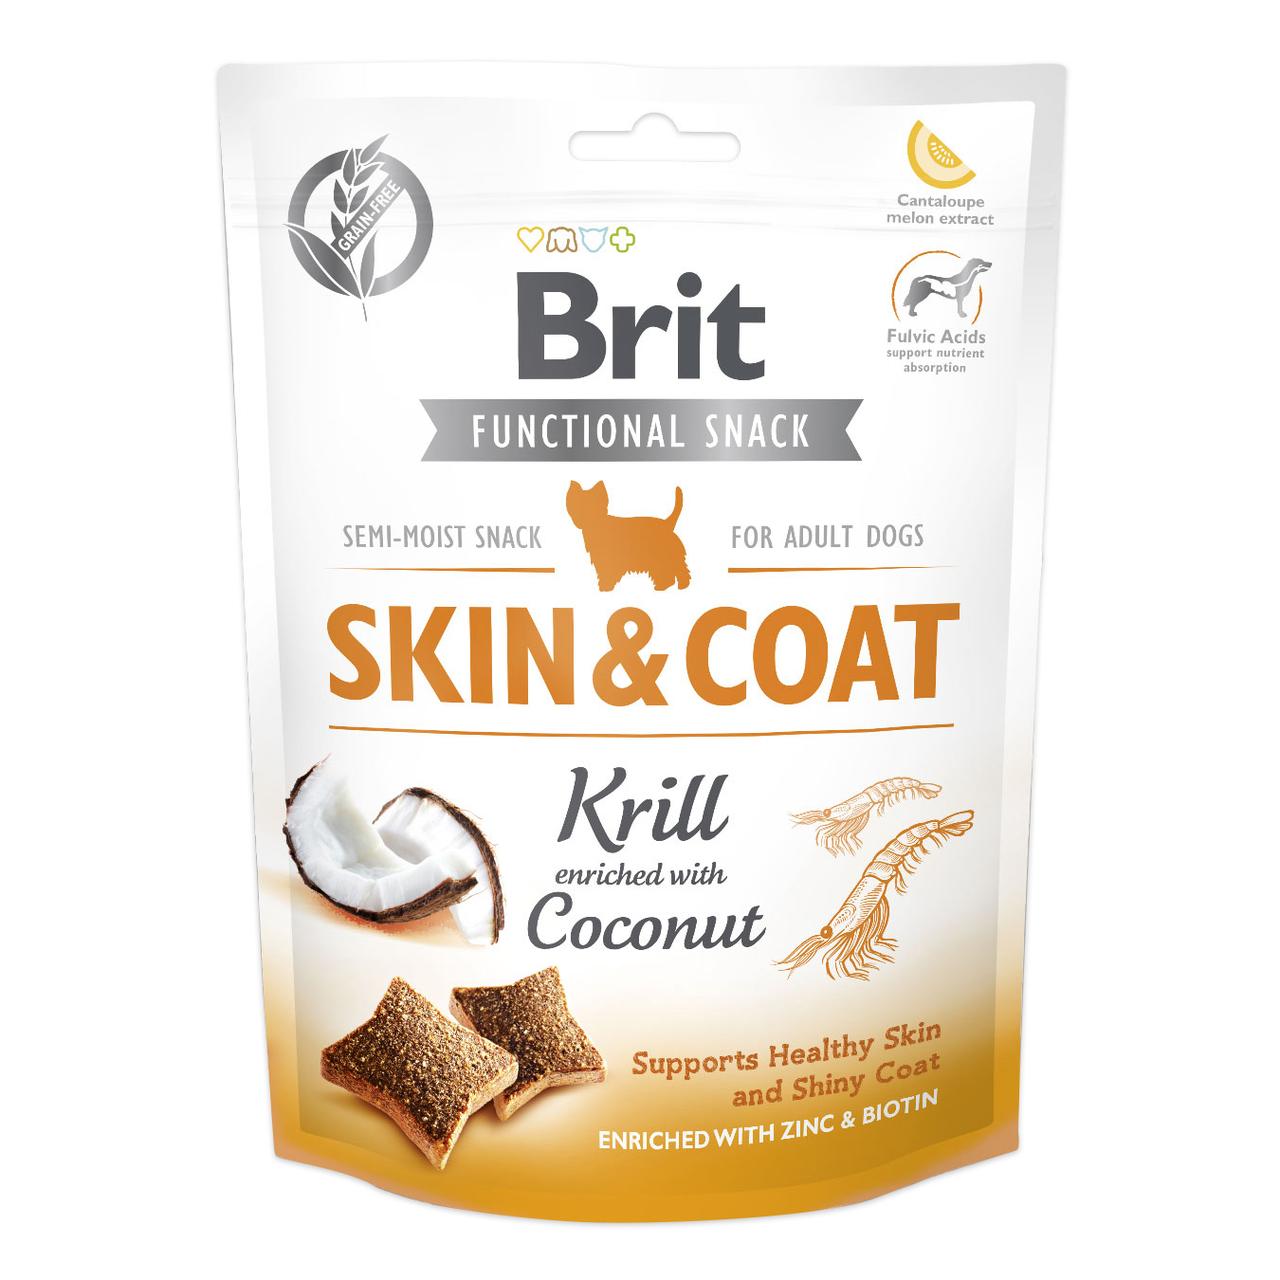 Функциональные лакомства Brit Functional Snack Skin & Coat 150 г (для кожи и шерсти)